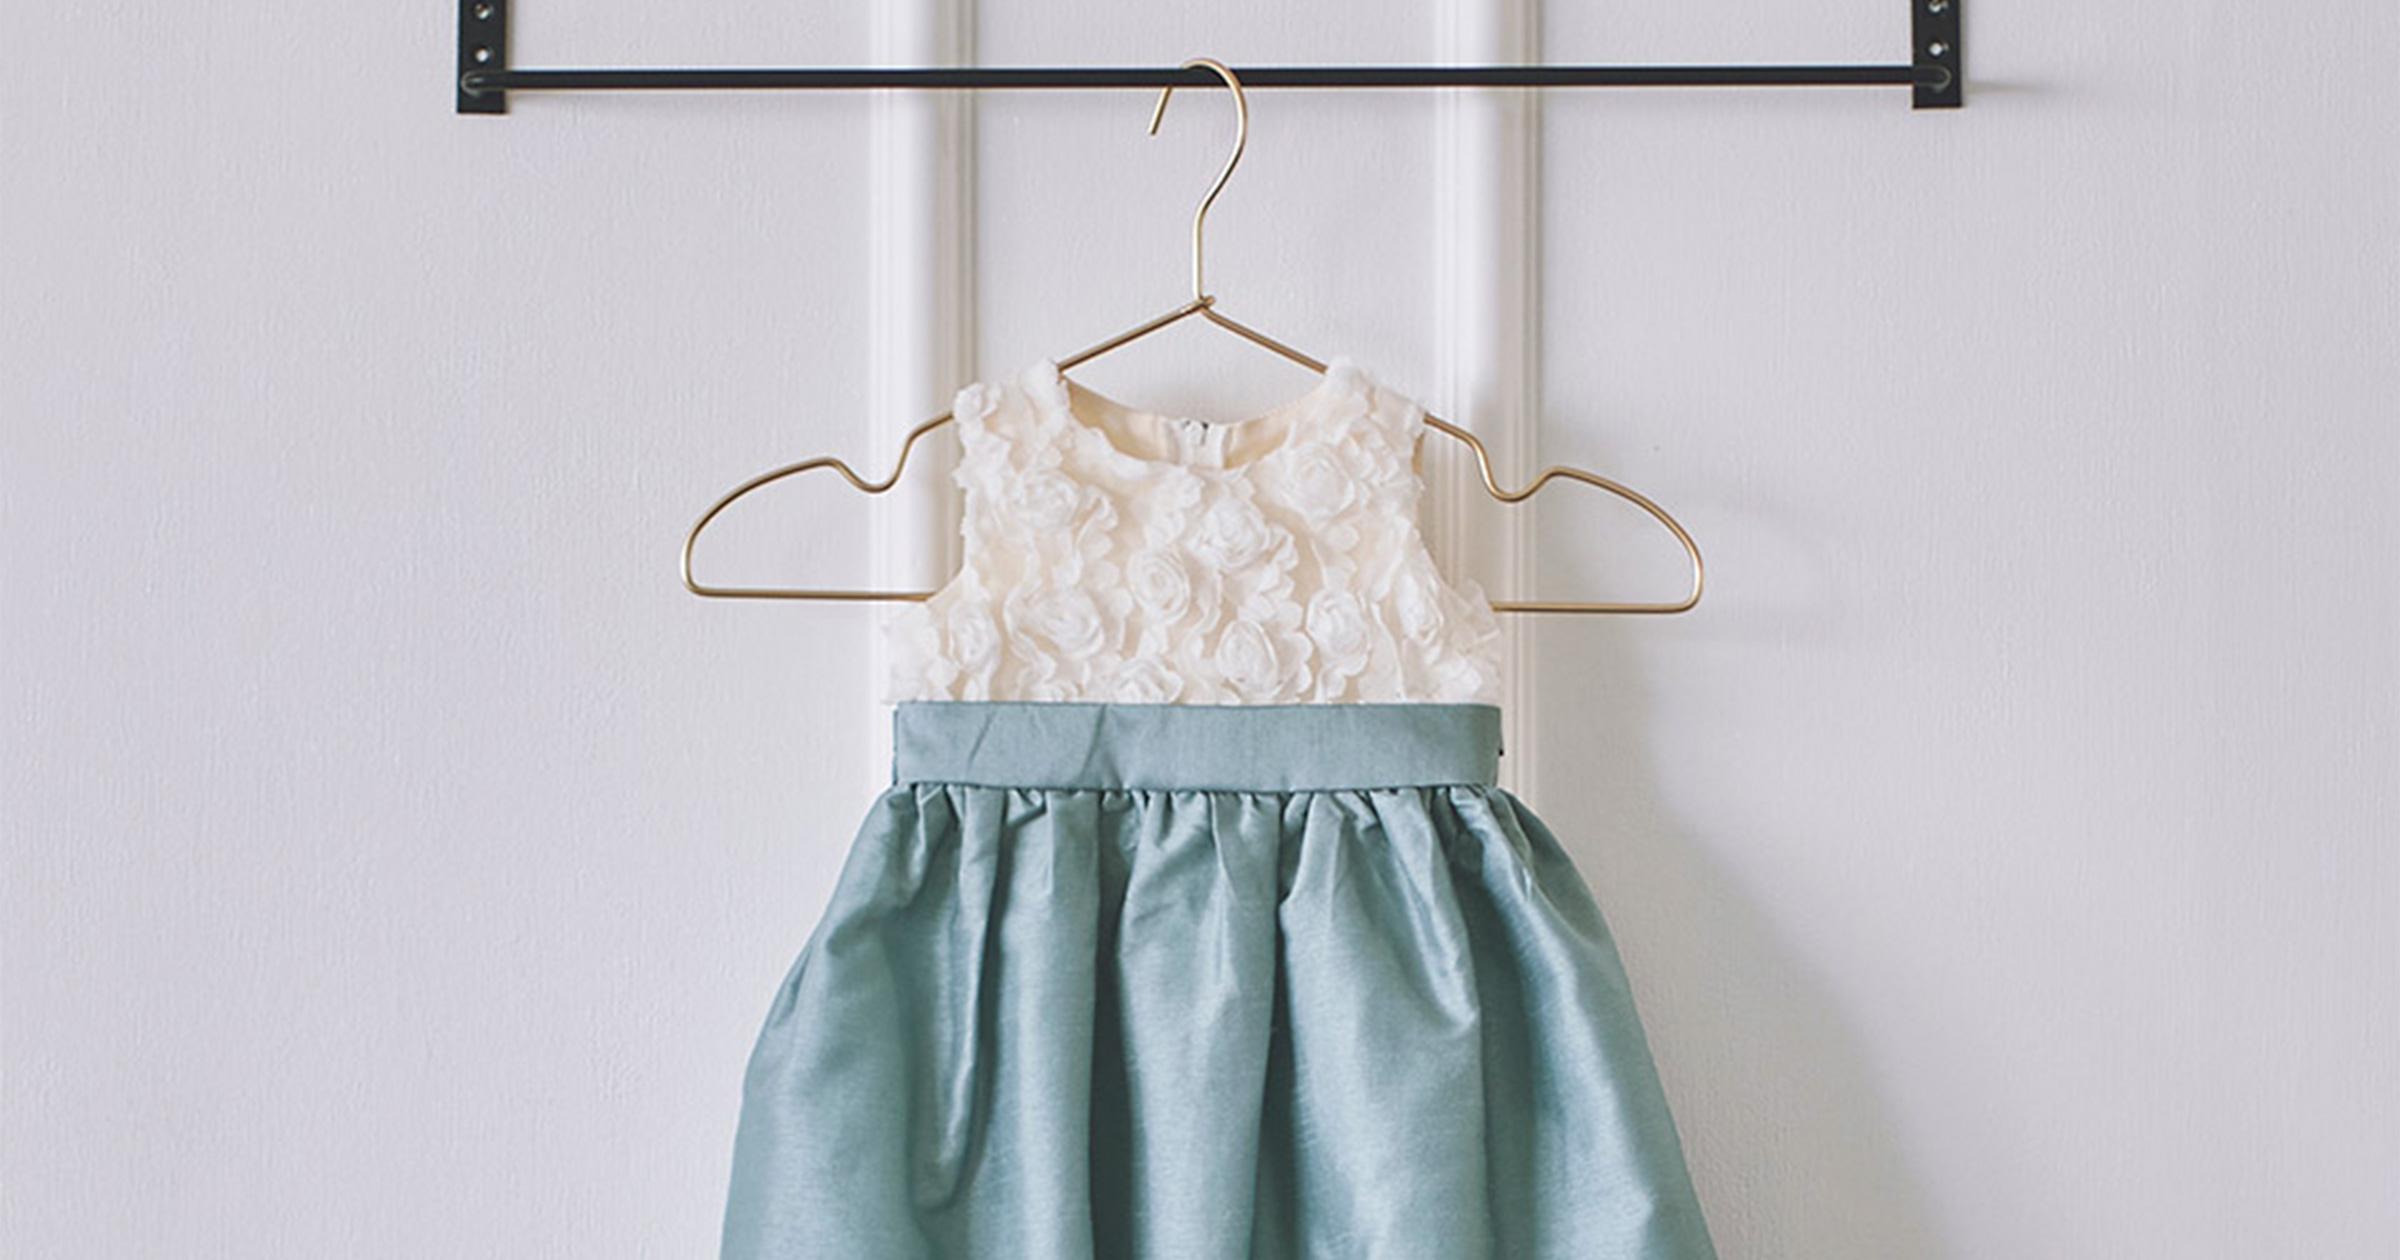 お子さま用の洋装衣装レンタルをはじめました